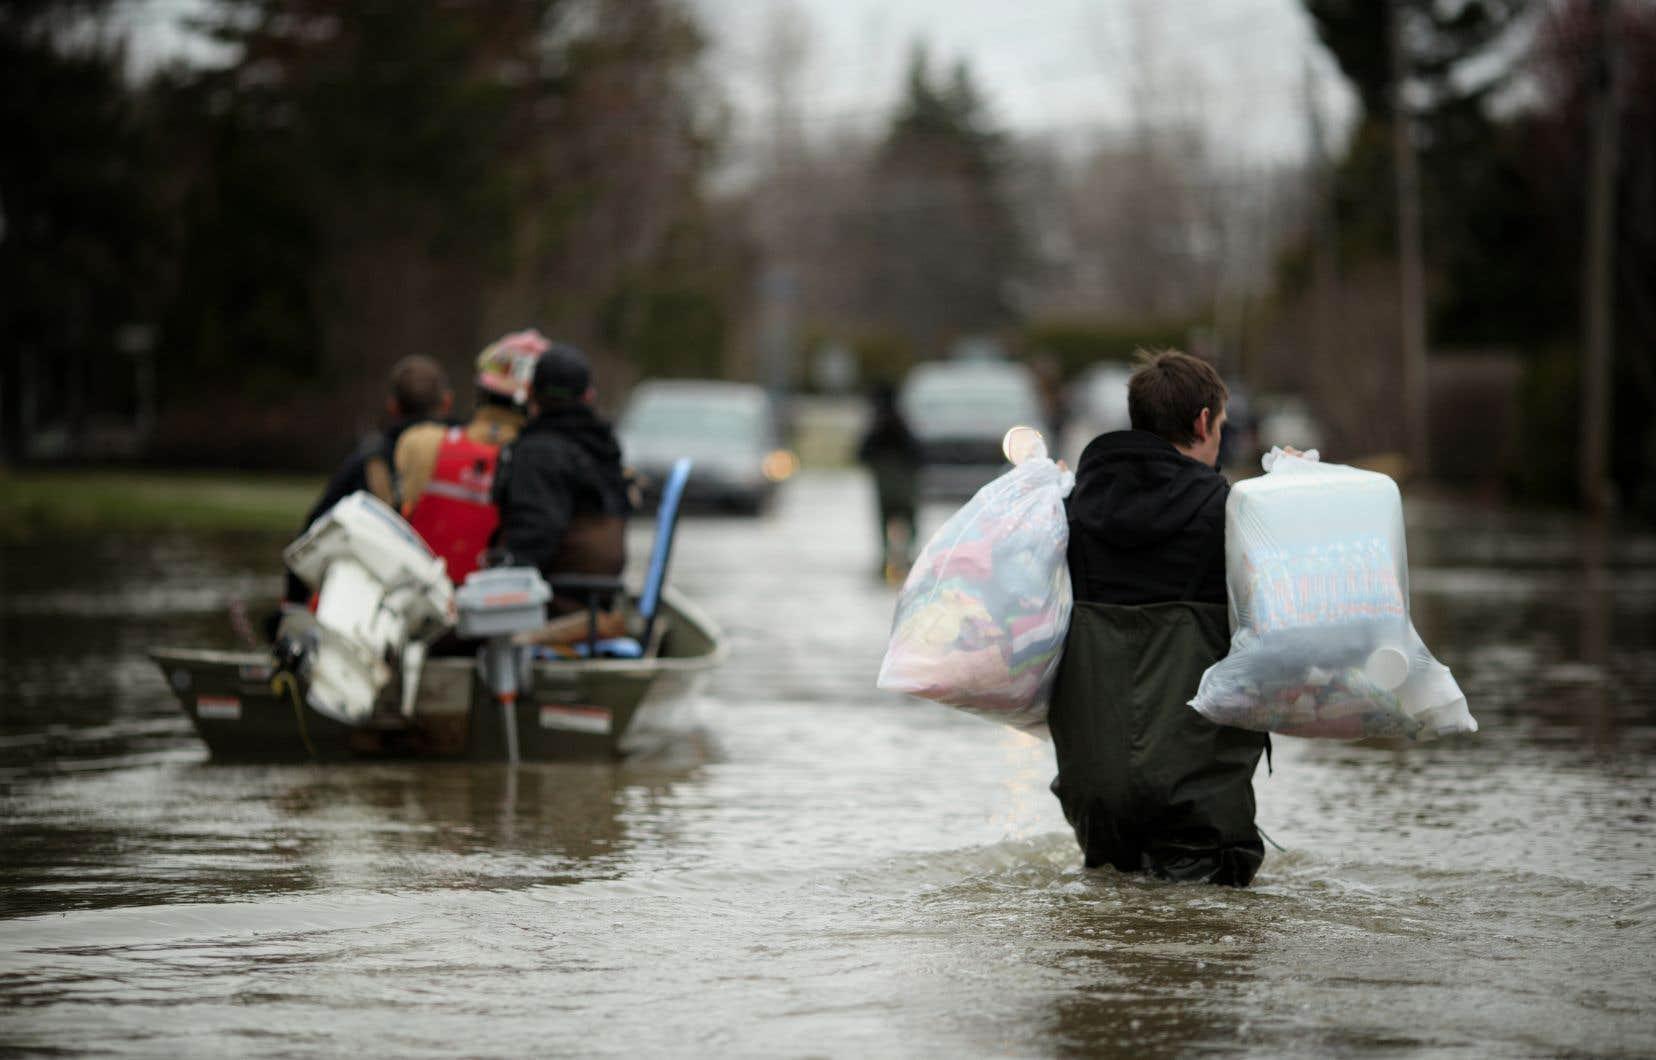 Le travail d'évacuation de la SQ se poursuivait dimanche matin, notamment avec des embarcations.